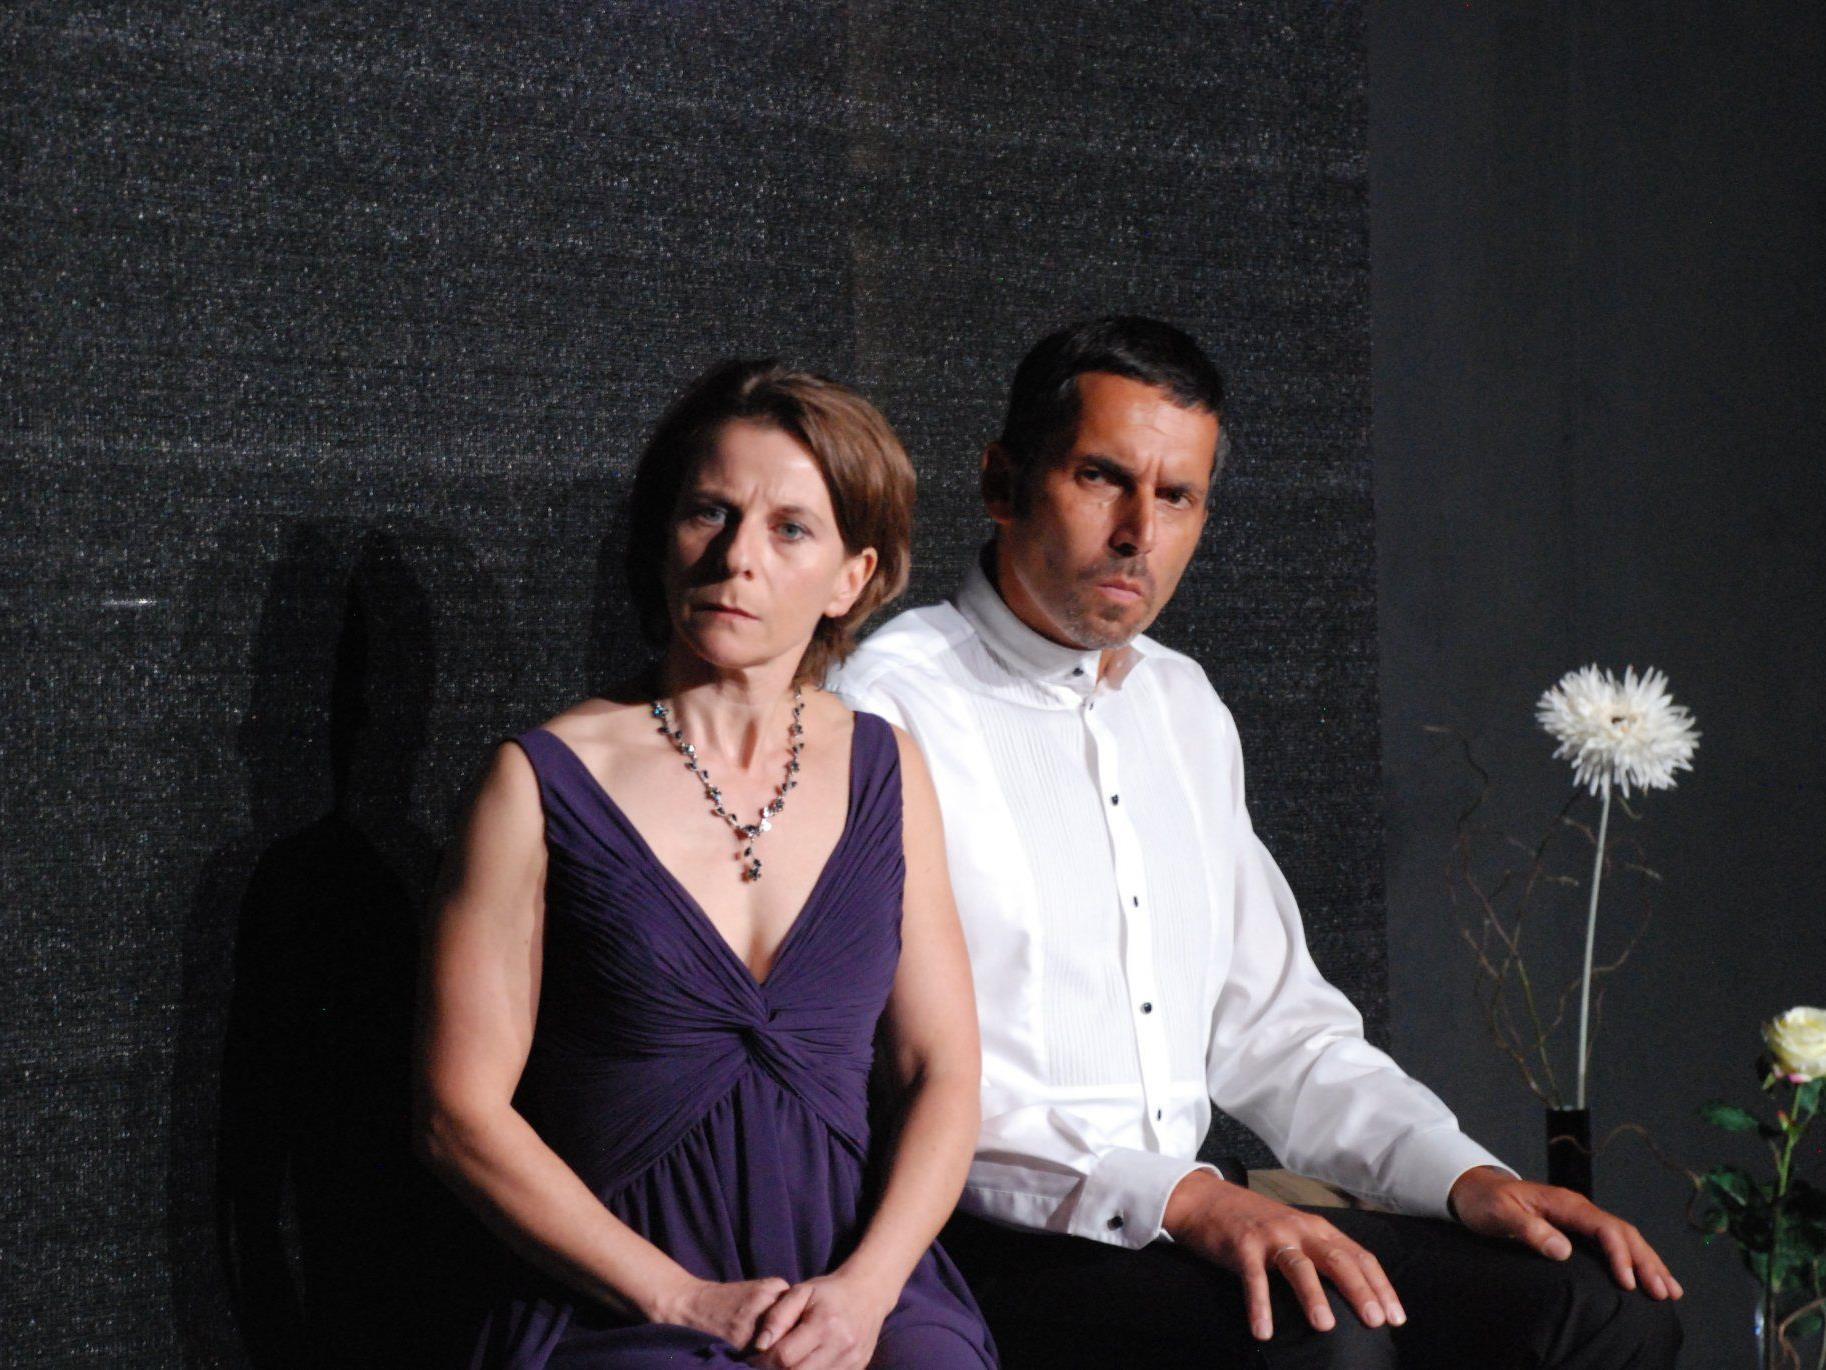 Karin Schwarzmann & Christian Urban spielen im aktuellen Spielkreis Krimi die Hauptrollen